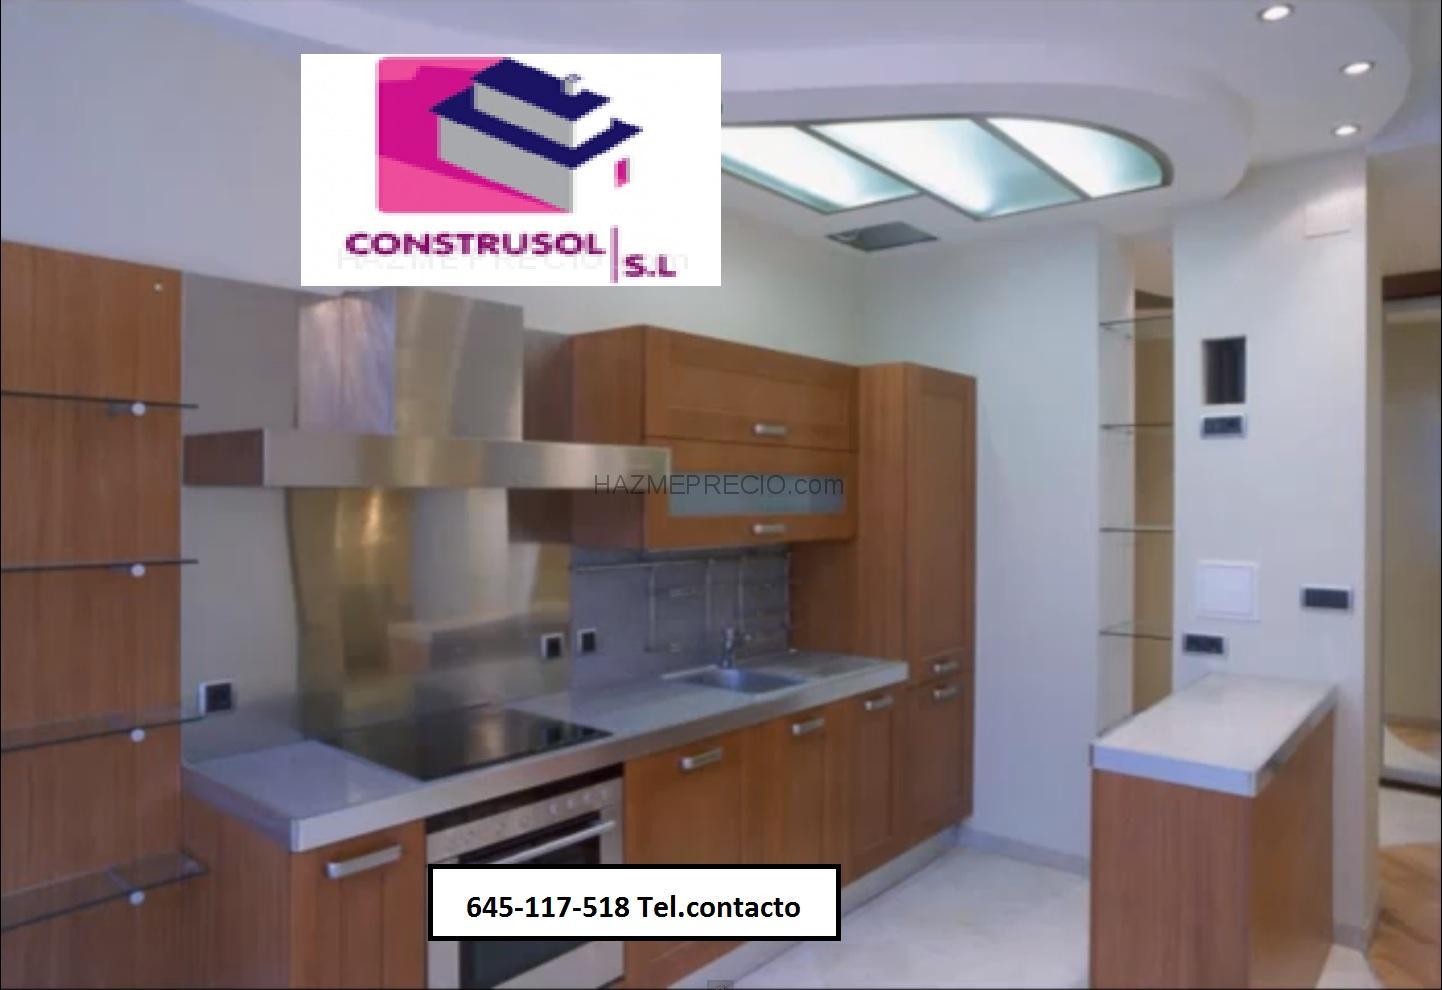 Ремонт кухни под ключ или частичный ремонт кухни.в запорожье.